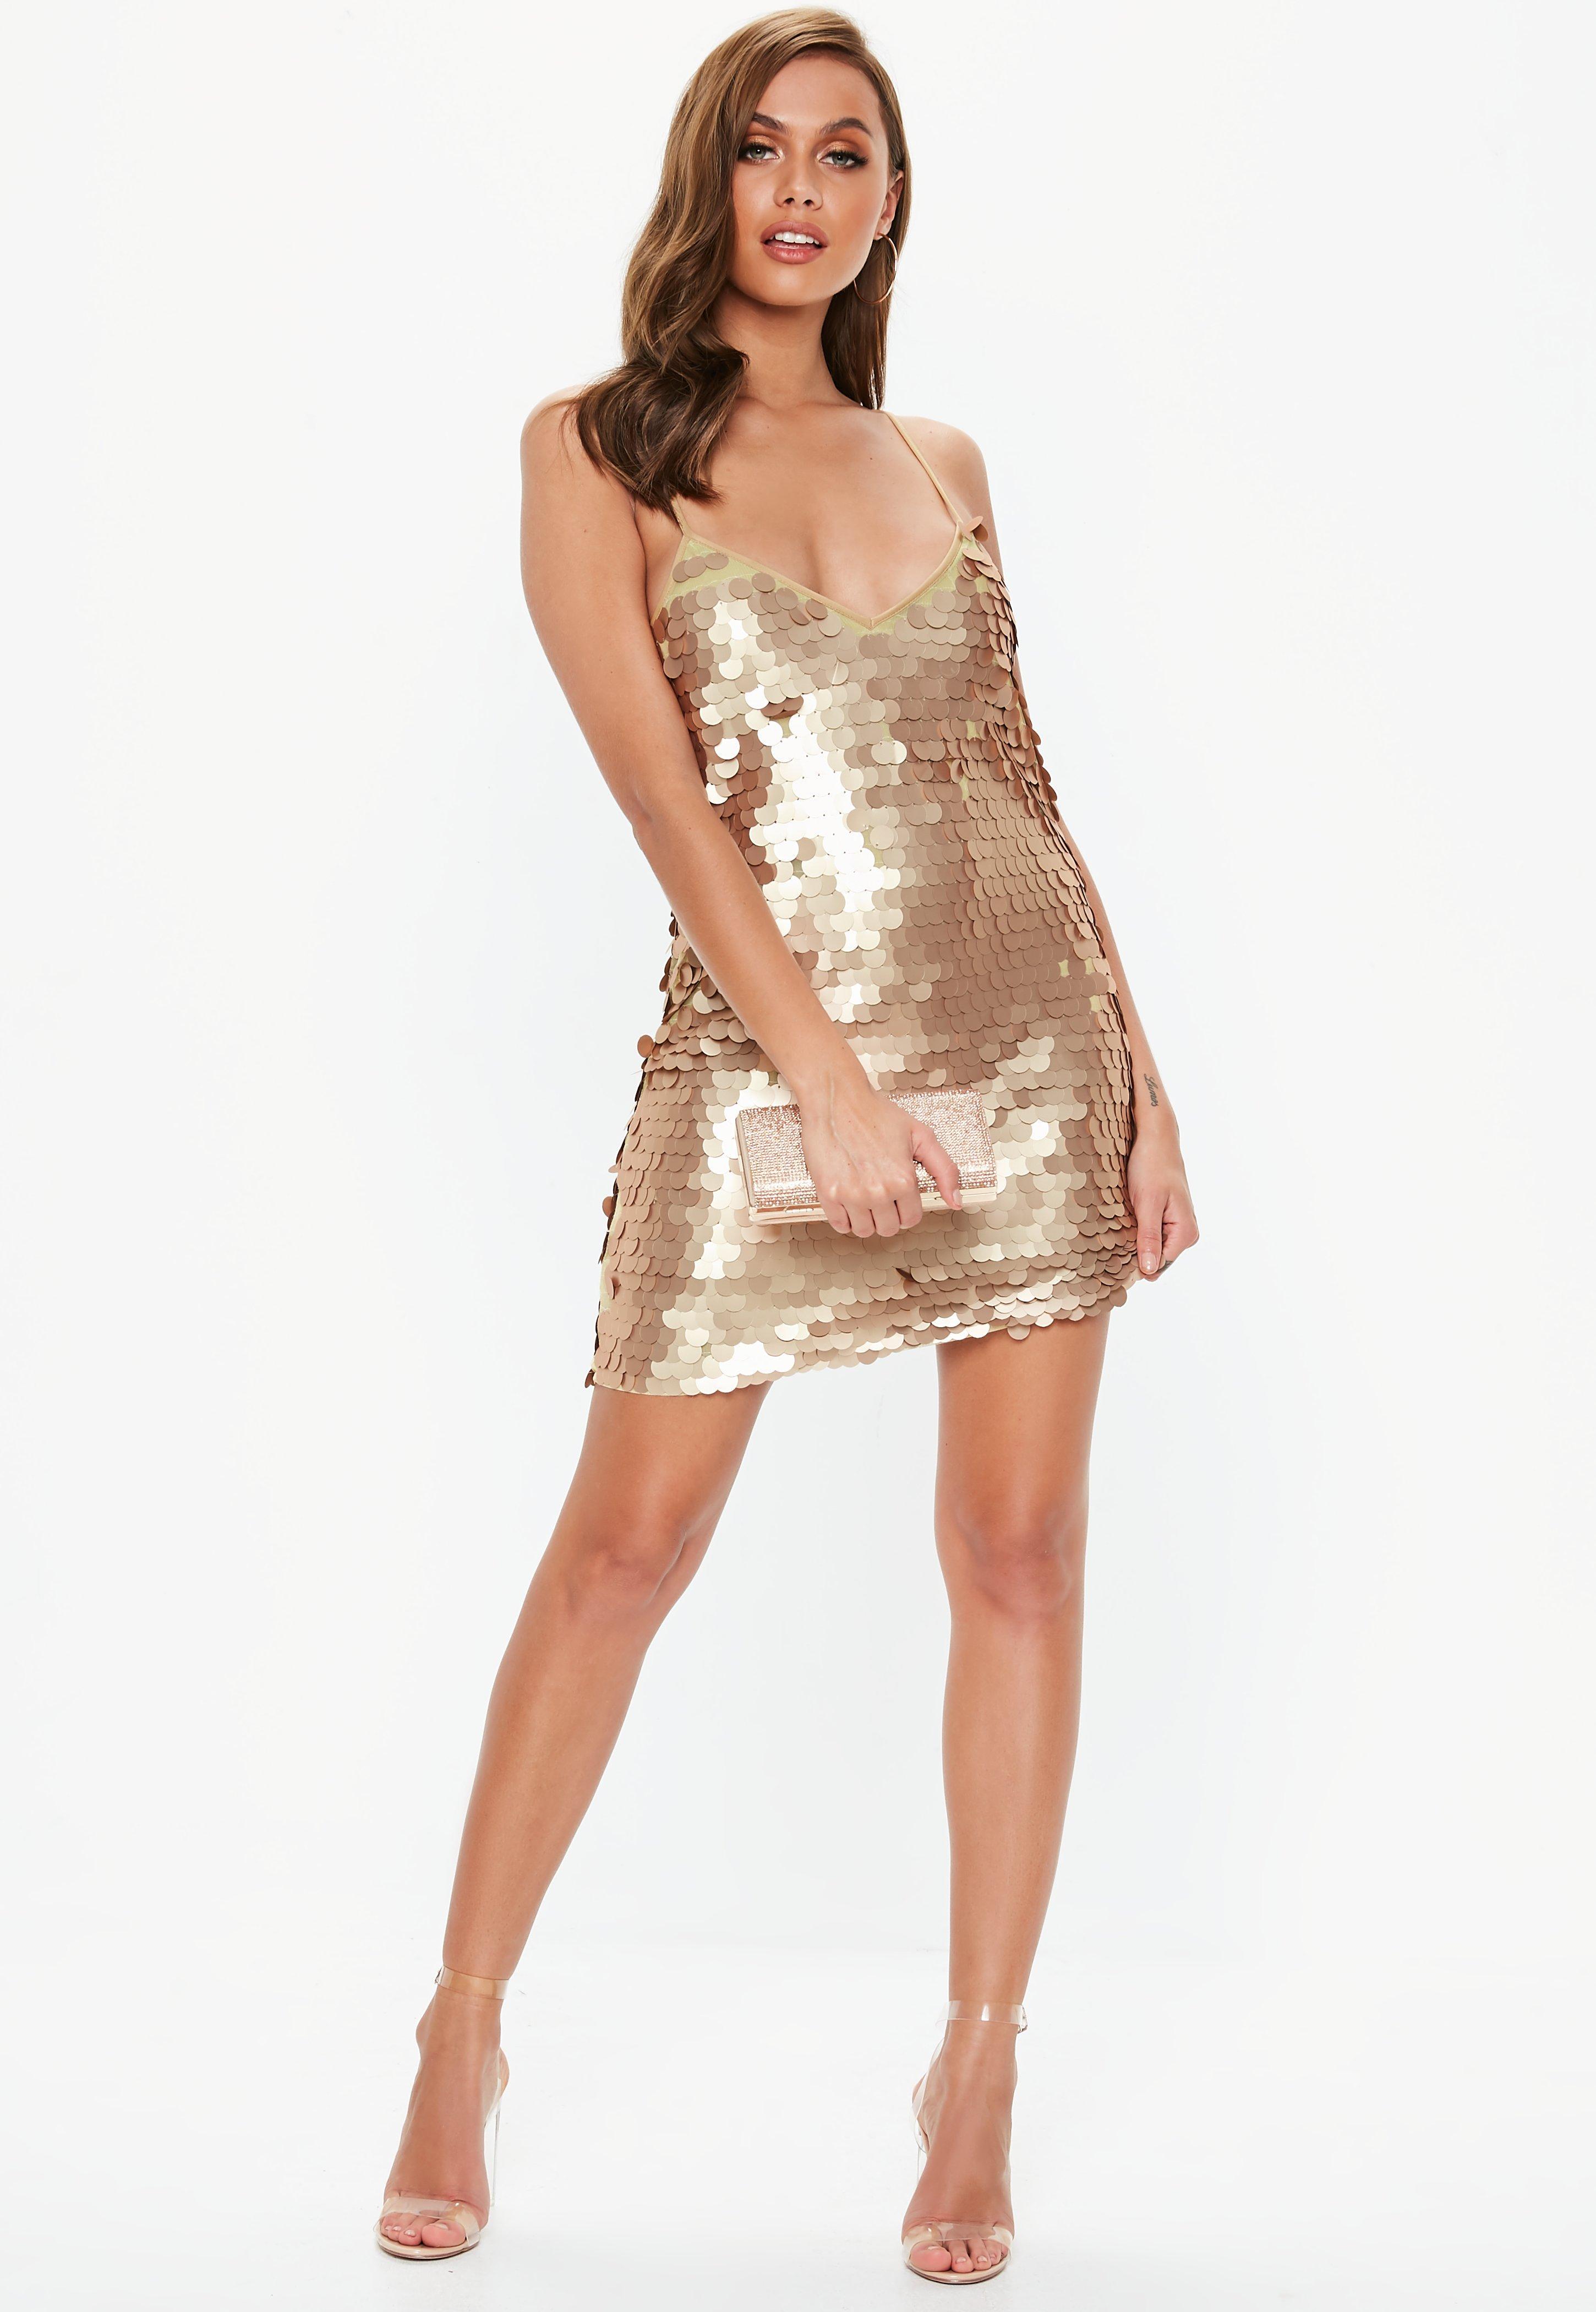 62c36de51a Błyszczące Sukienki z Cekinami - Missguided